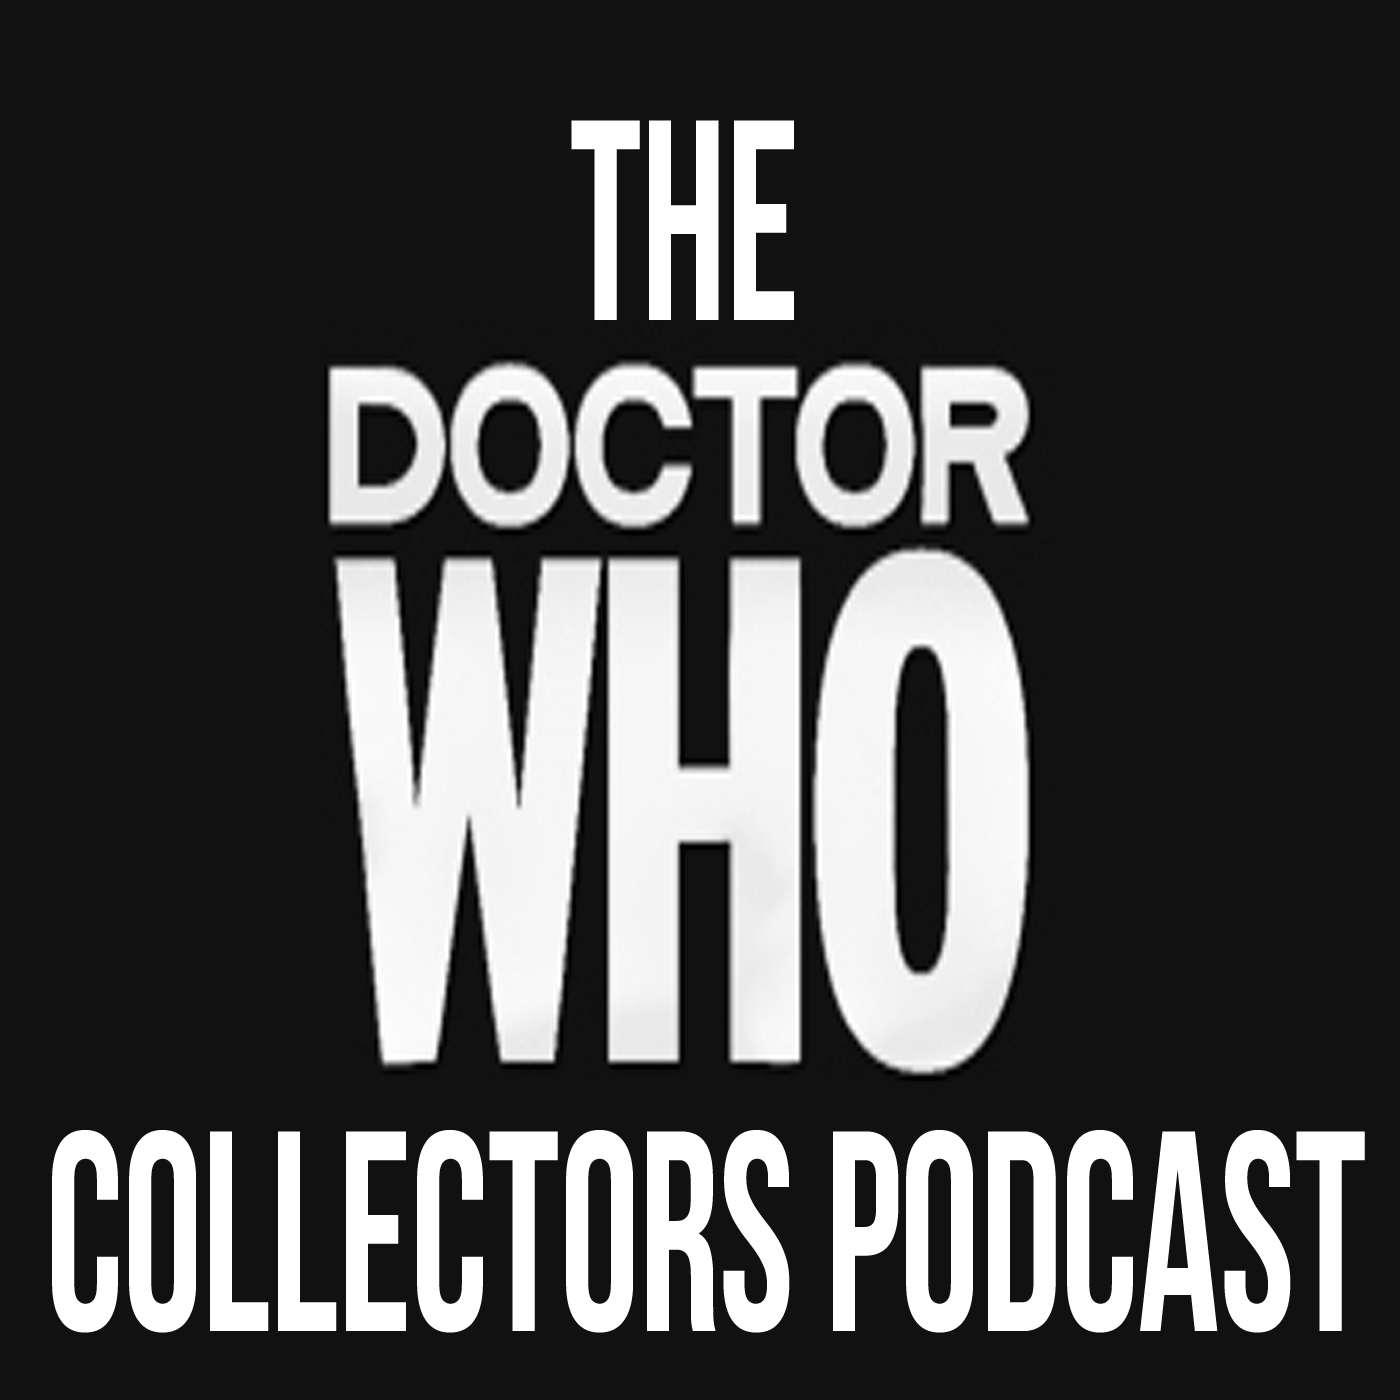 Thumbnail for Episode 39: Radio Times Magazines